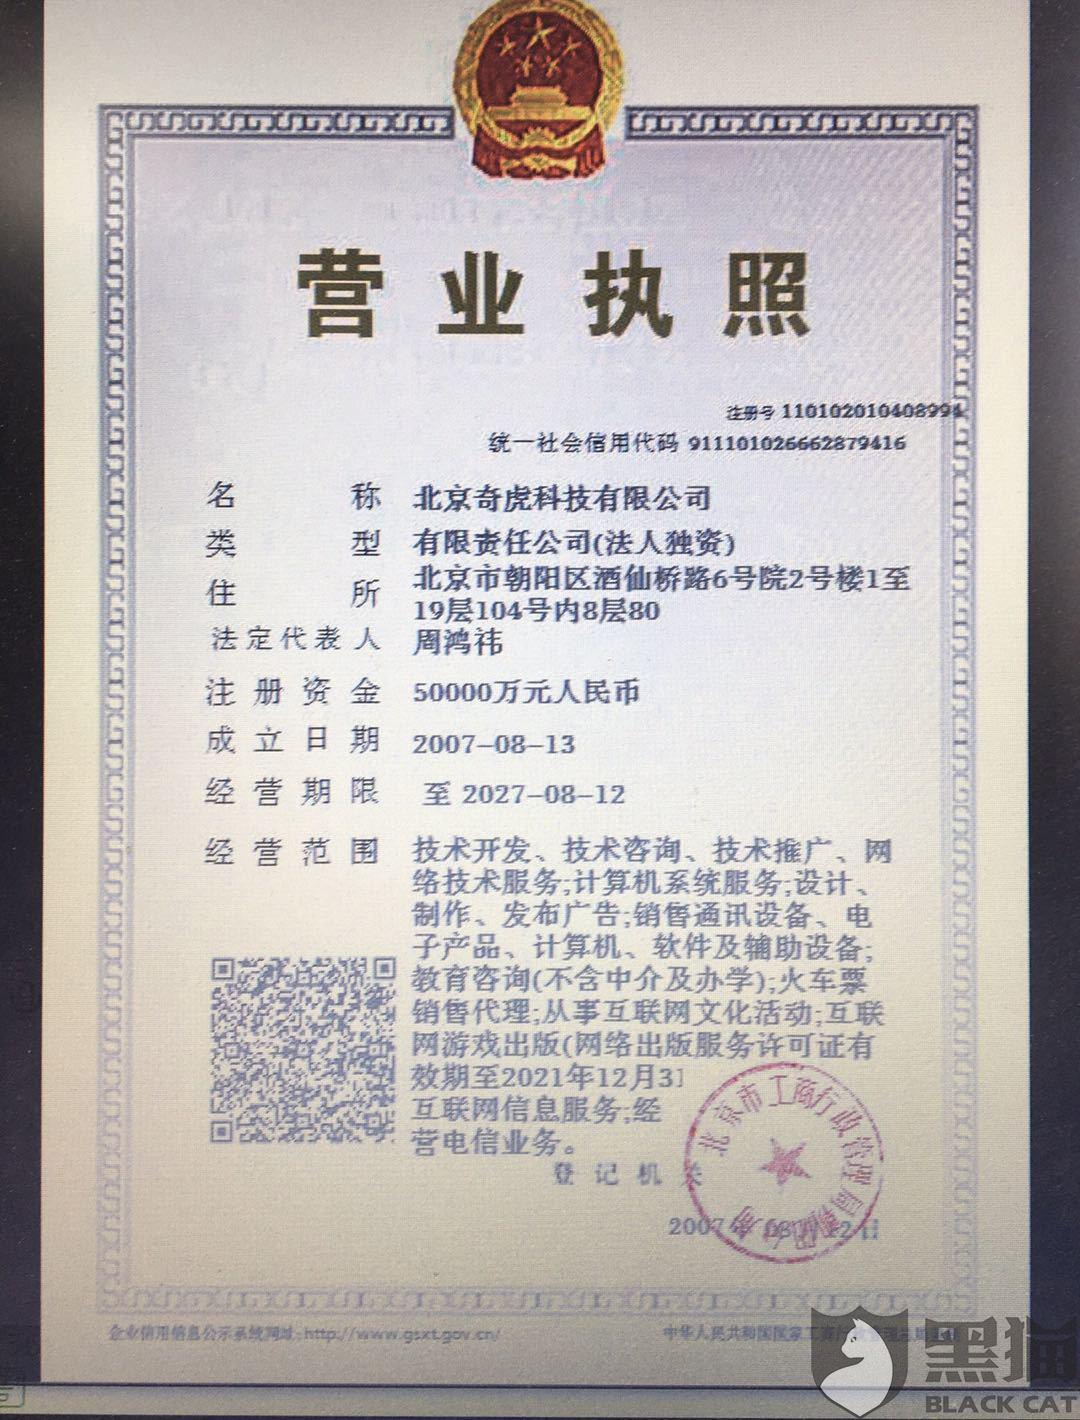 黑猫投诉:北京奇虎科技有限公司360借条